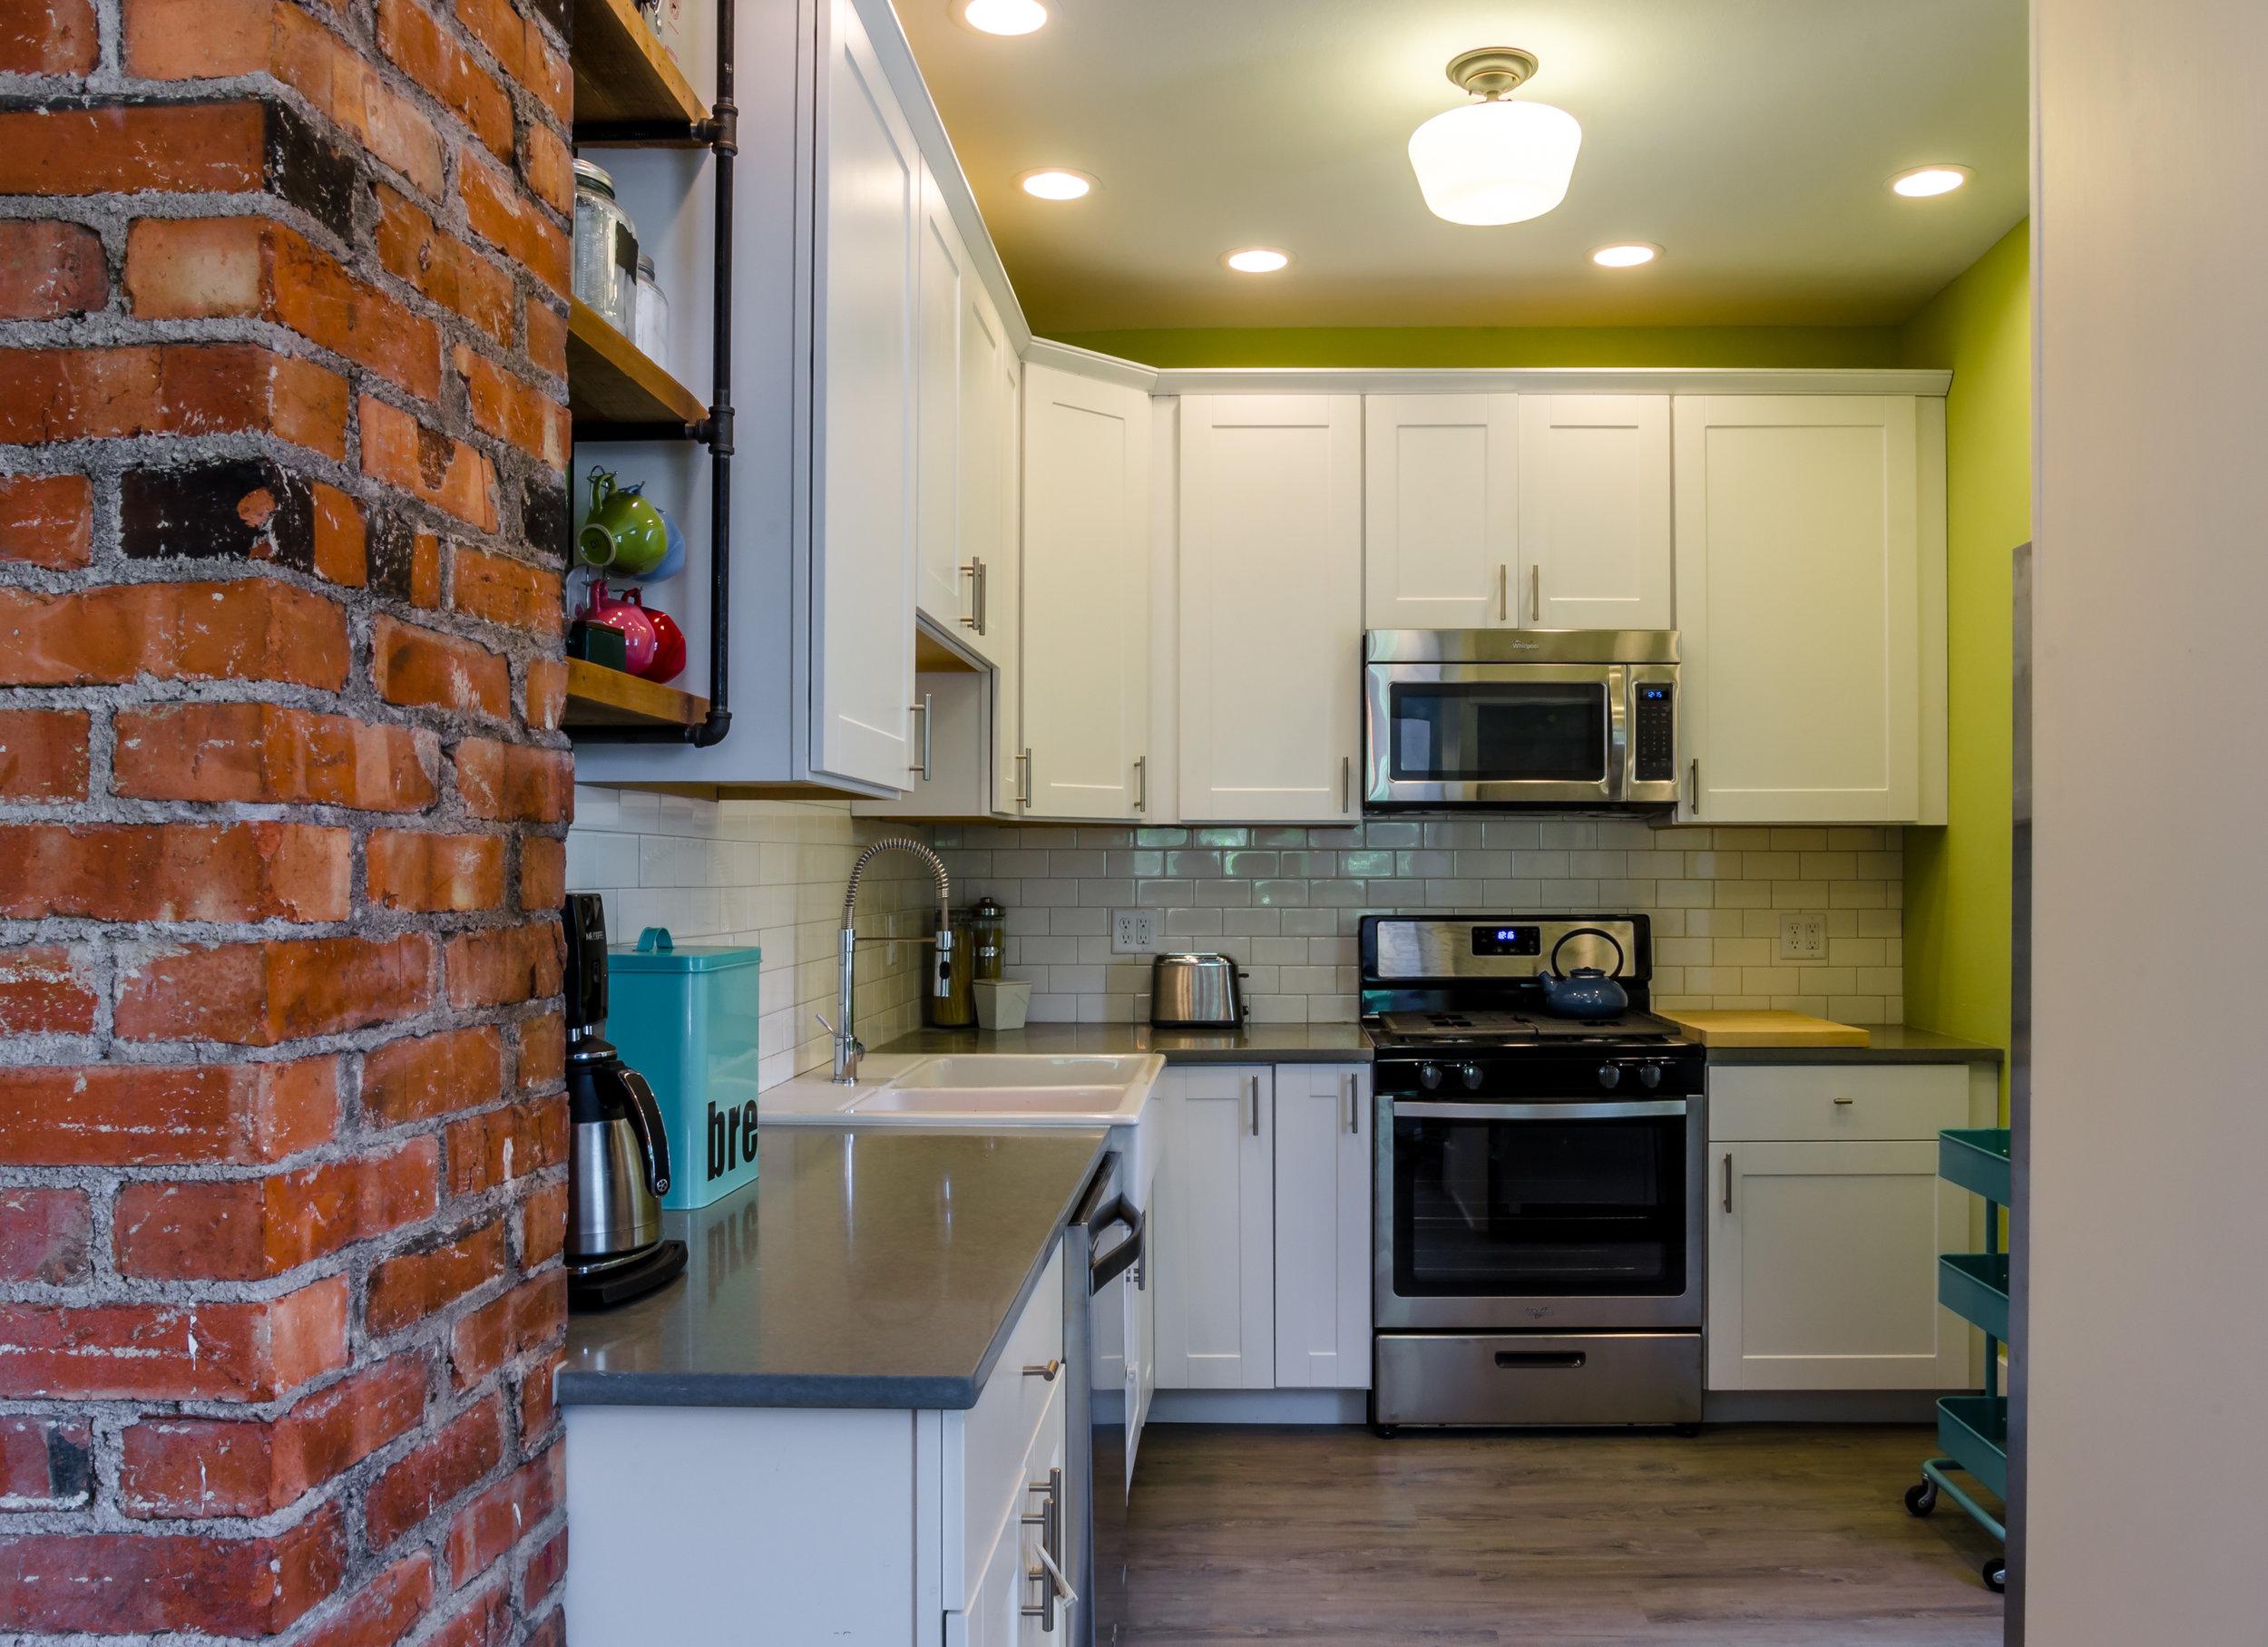 737 36th - kitchen 01 after.jpg